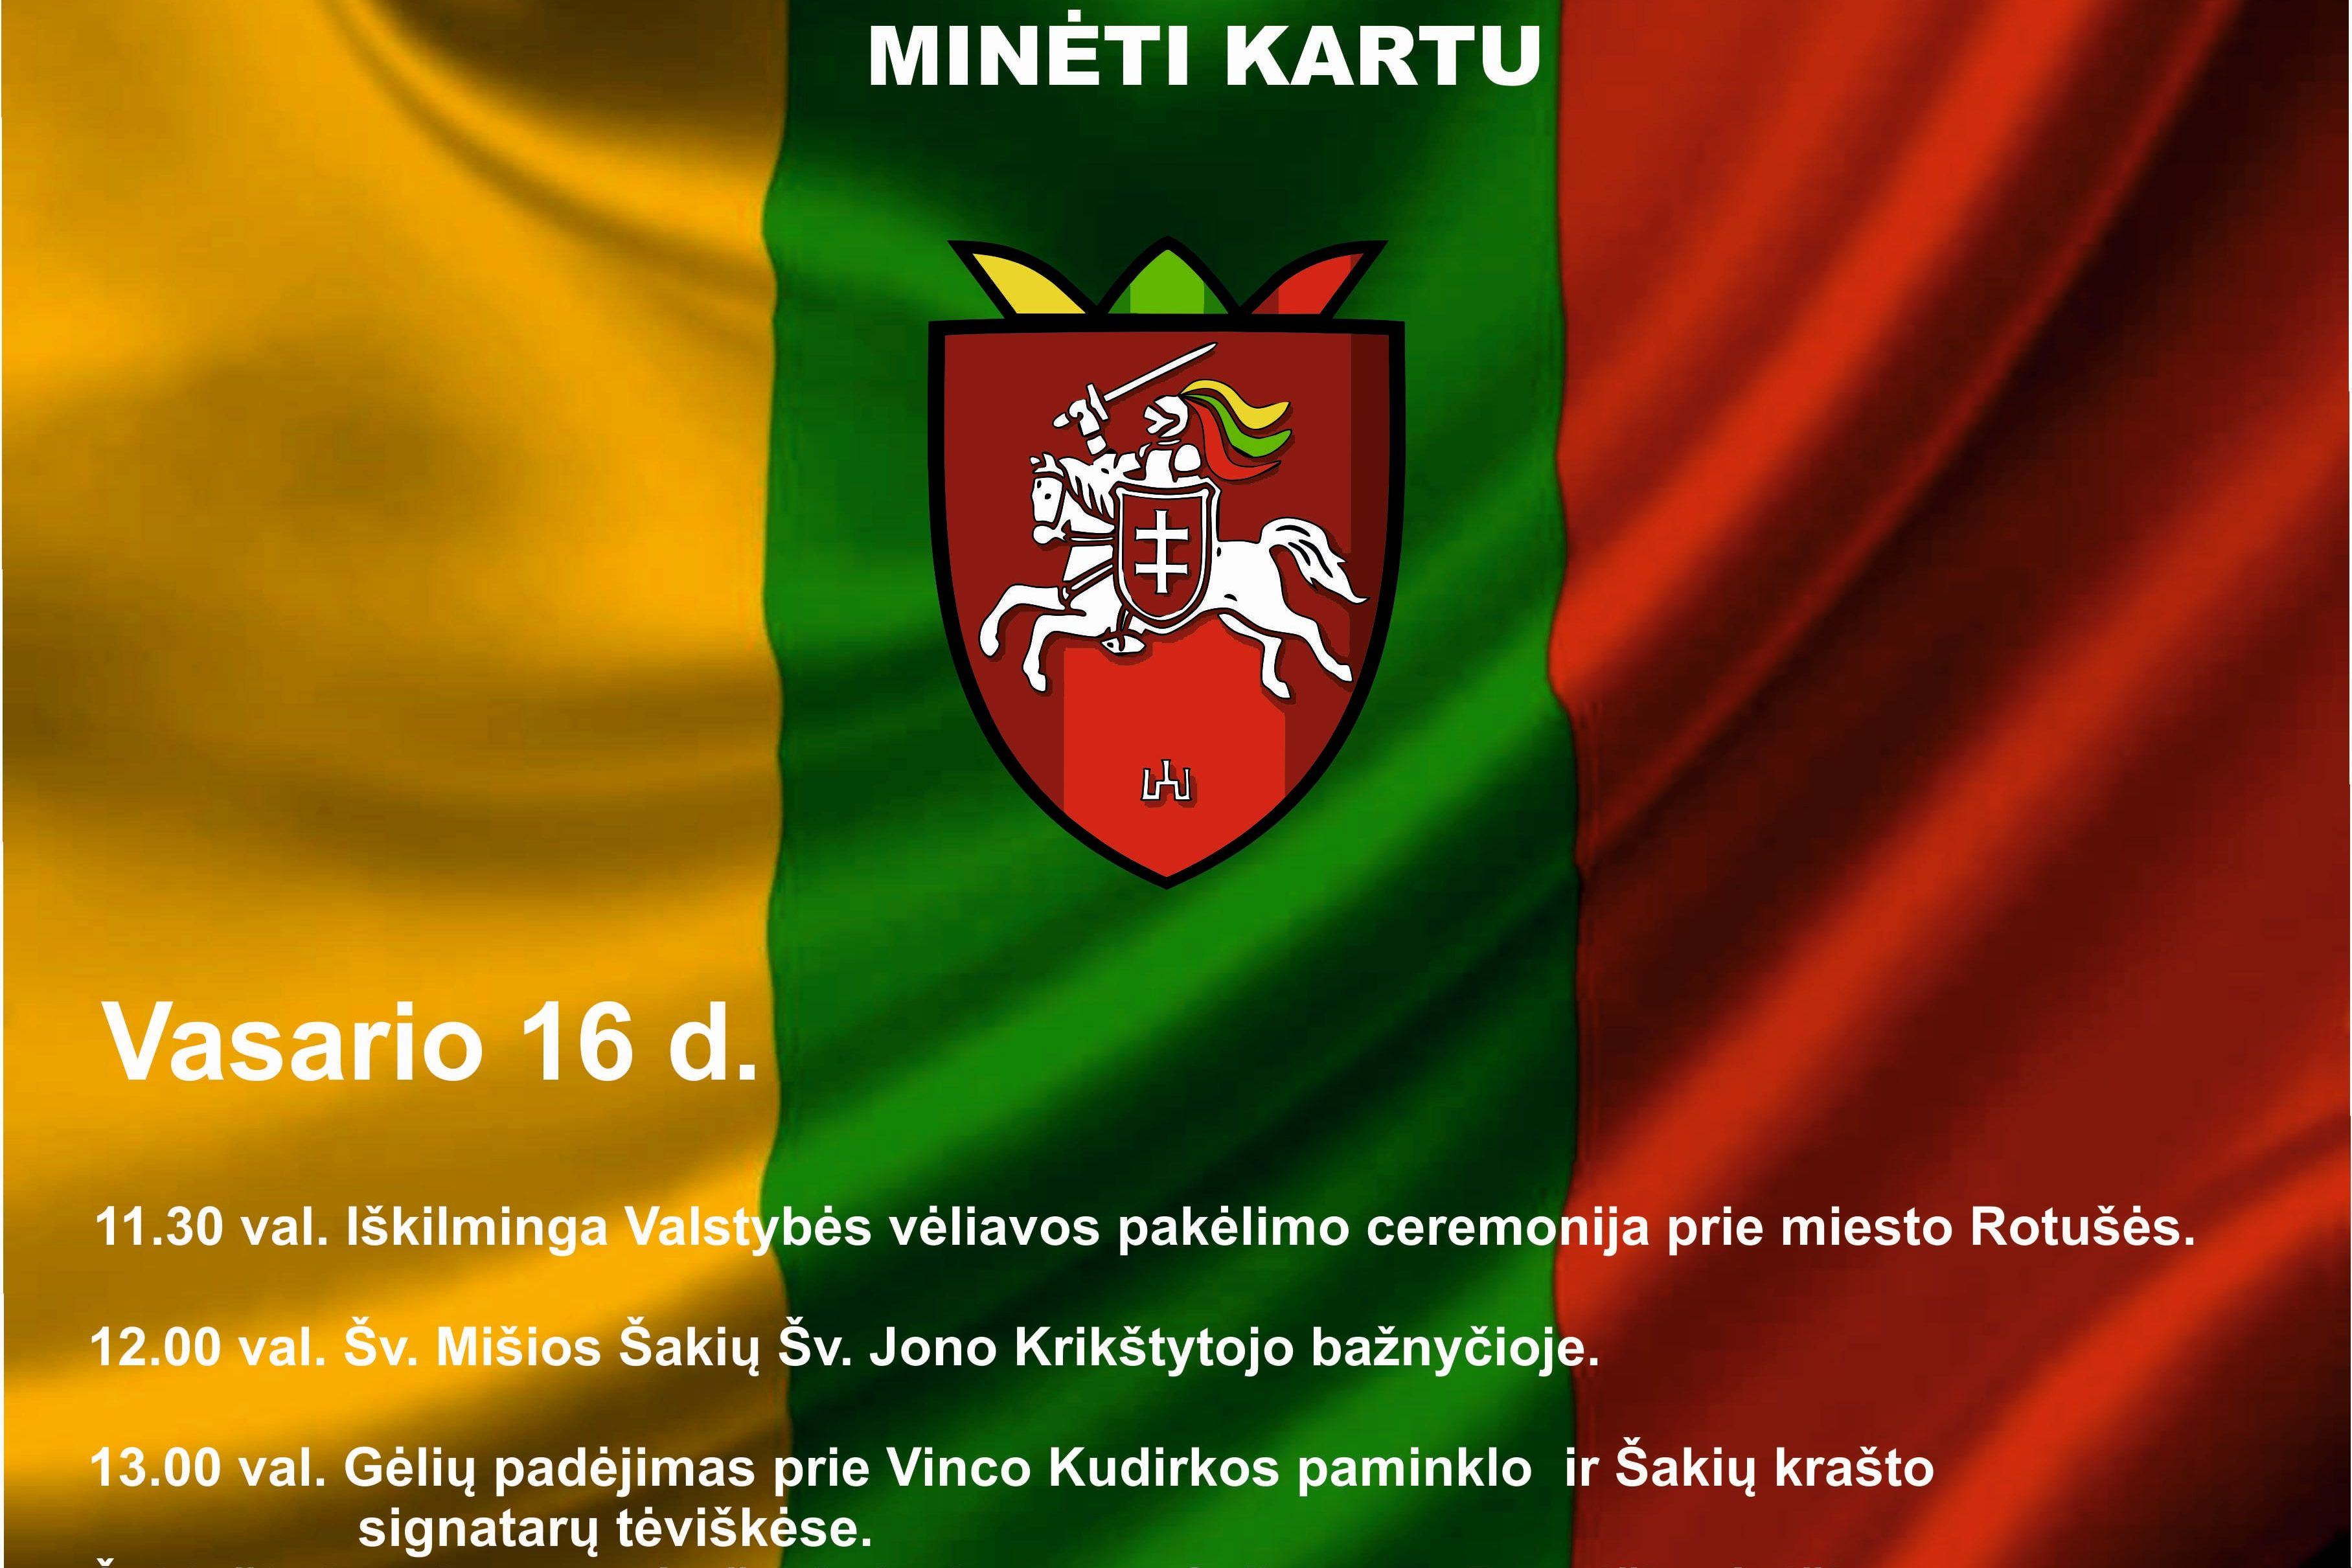 Kviečiame Lietuvos valstybės atkūrimo dieną minėti kartu